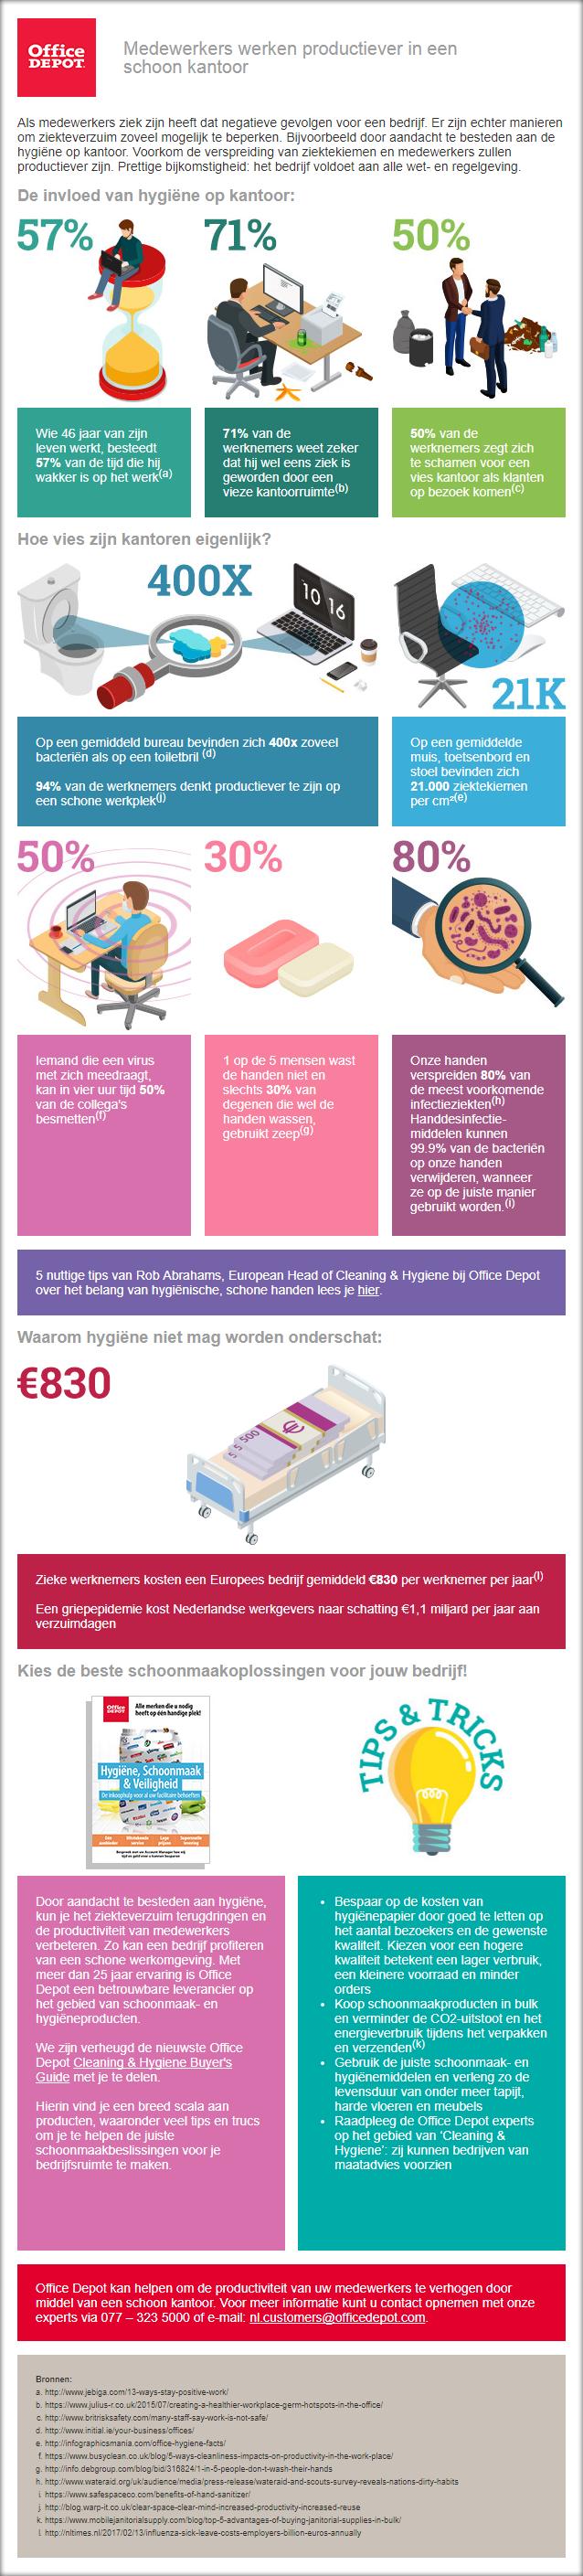 http___onlinecontent.officedepot.eu_nl_productiviteit-hygiene_ -.png